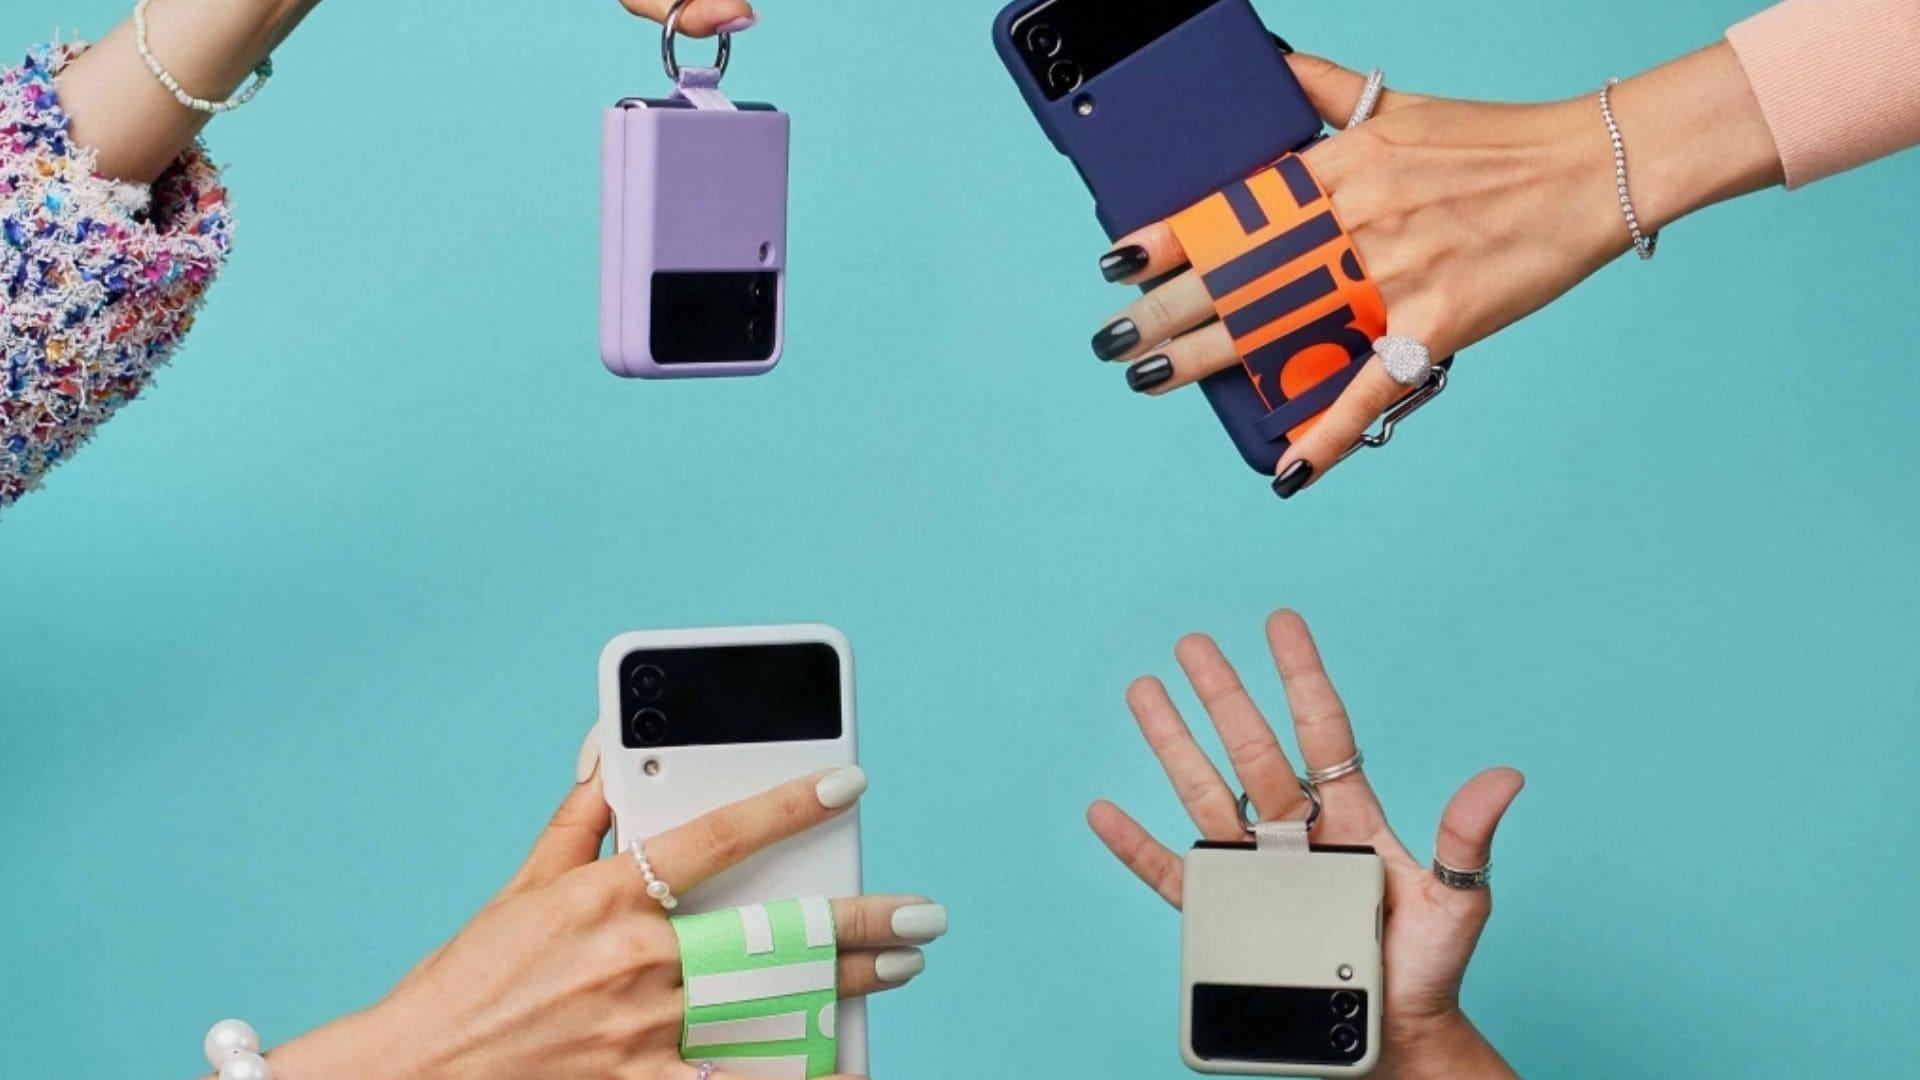 Quatro mãos seguram, cada uma, um celular da Samsung diferente